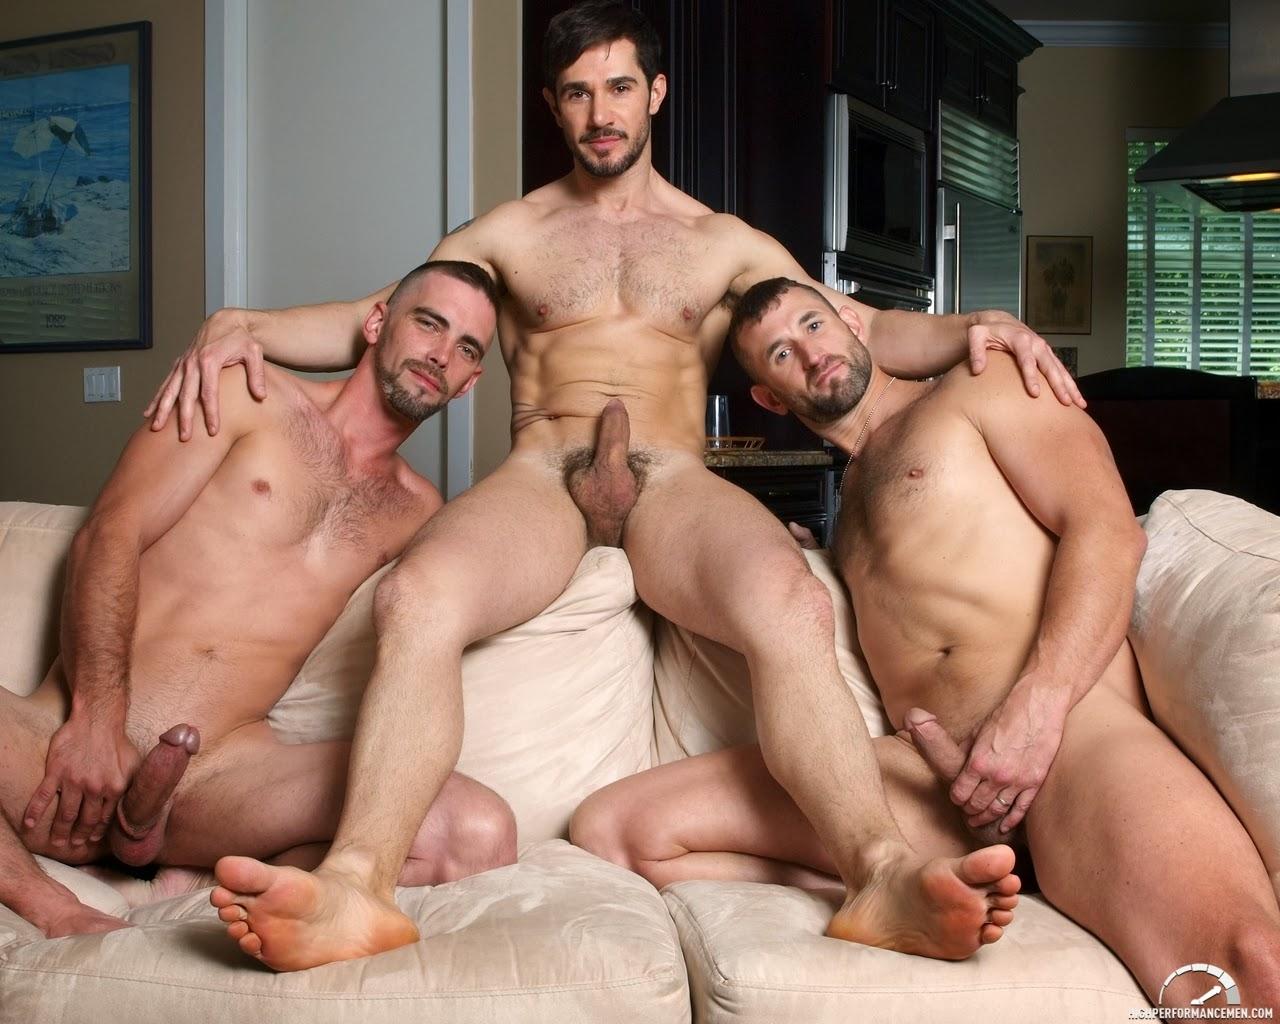 порно массаж видео скачать на телефон